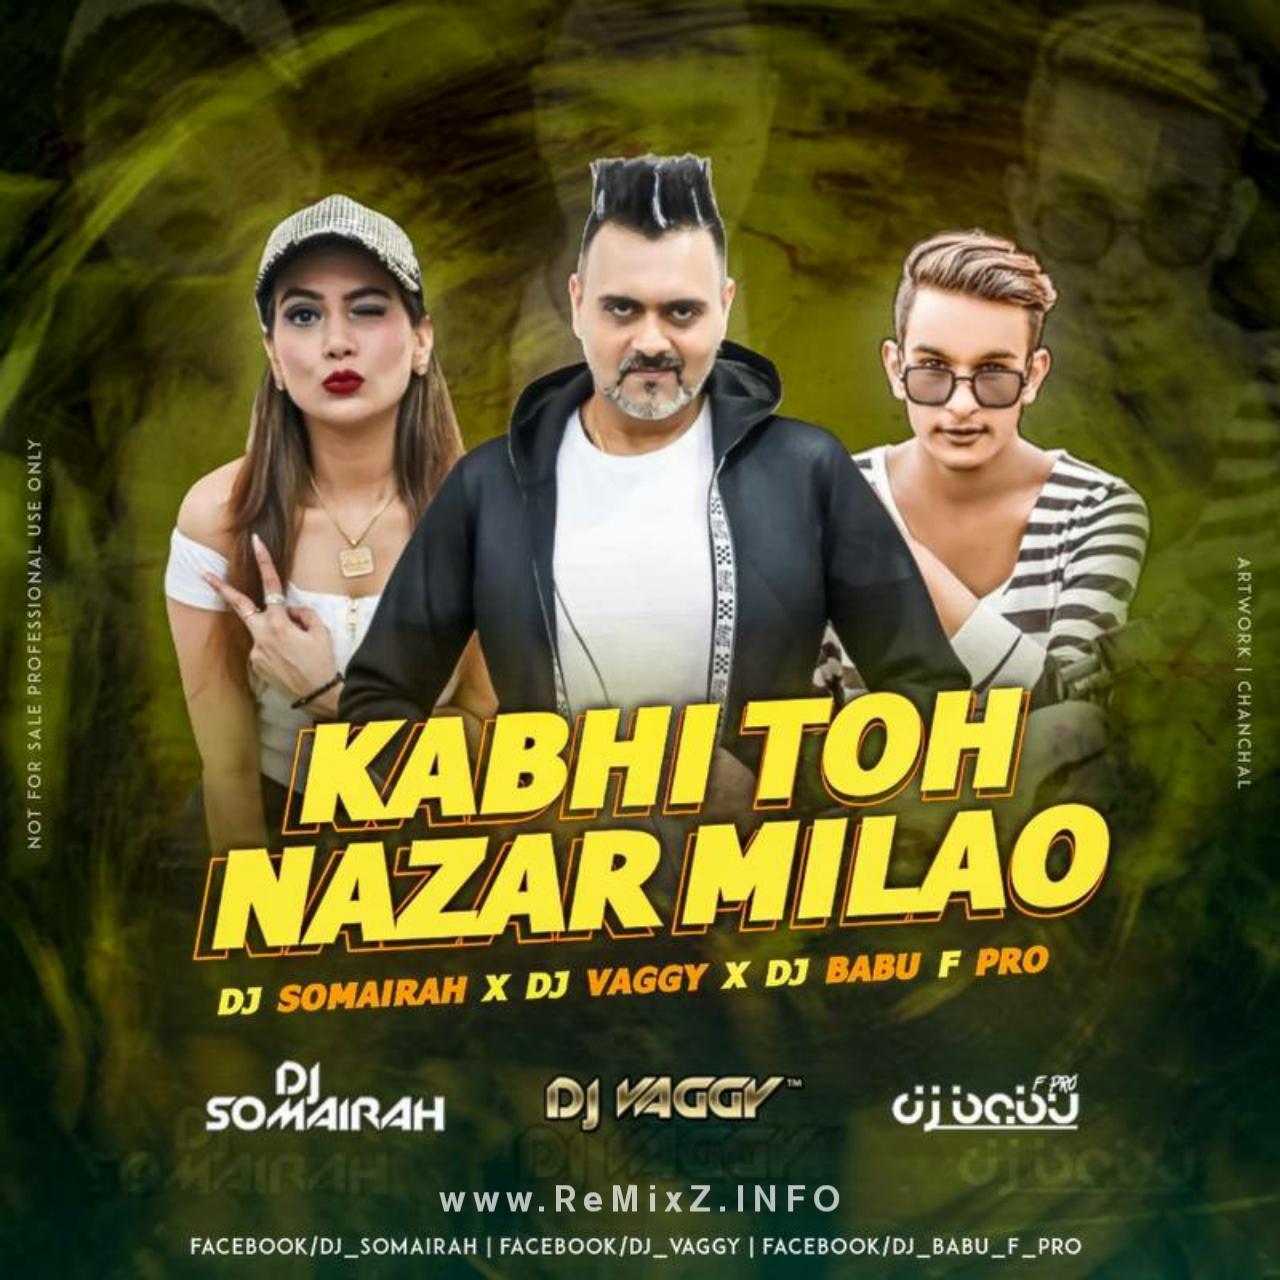 kabhi-toh-nazar-milao-deep-house-mix.jpg